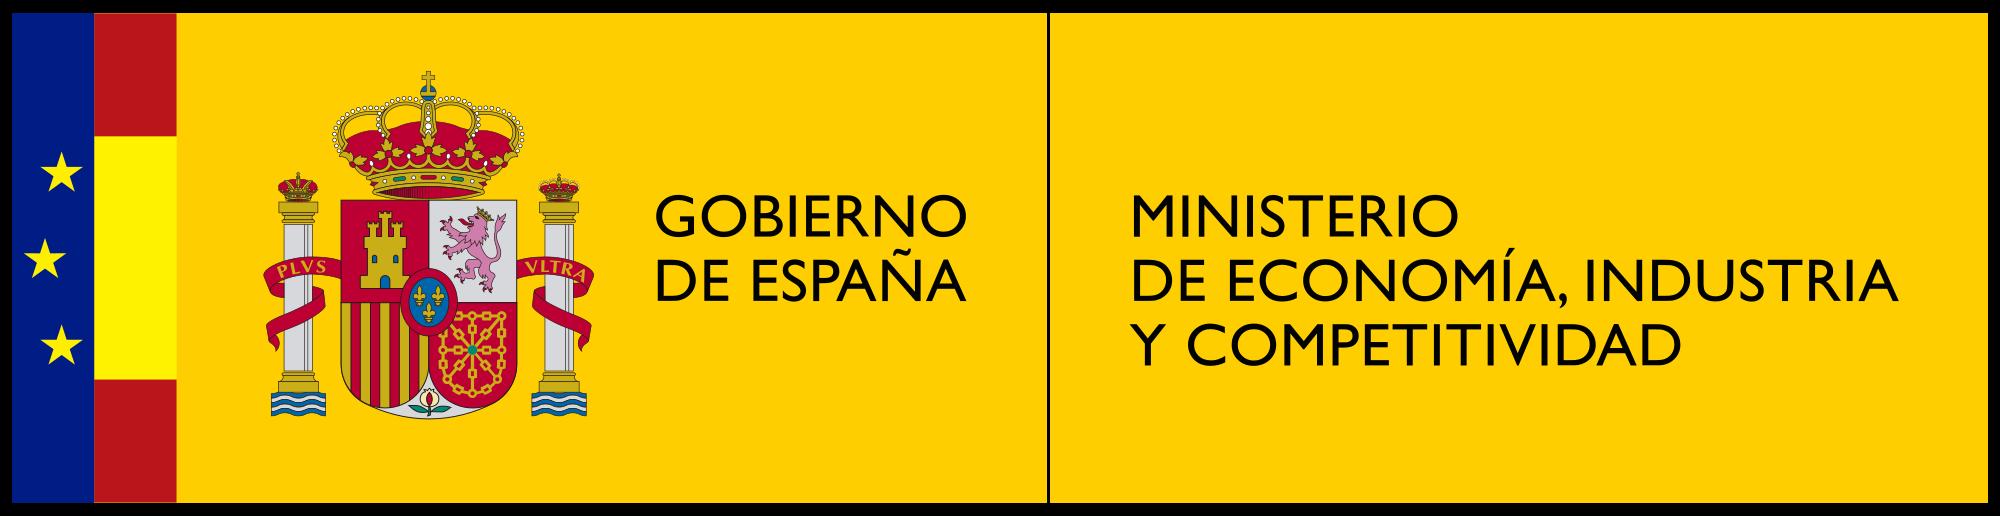 Ministerio de Economia, Industria y Competitividad